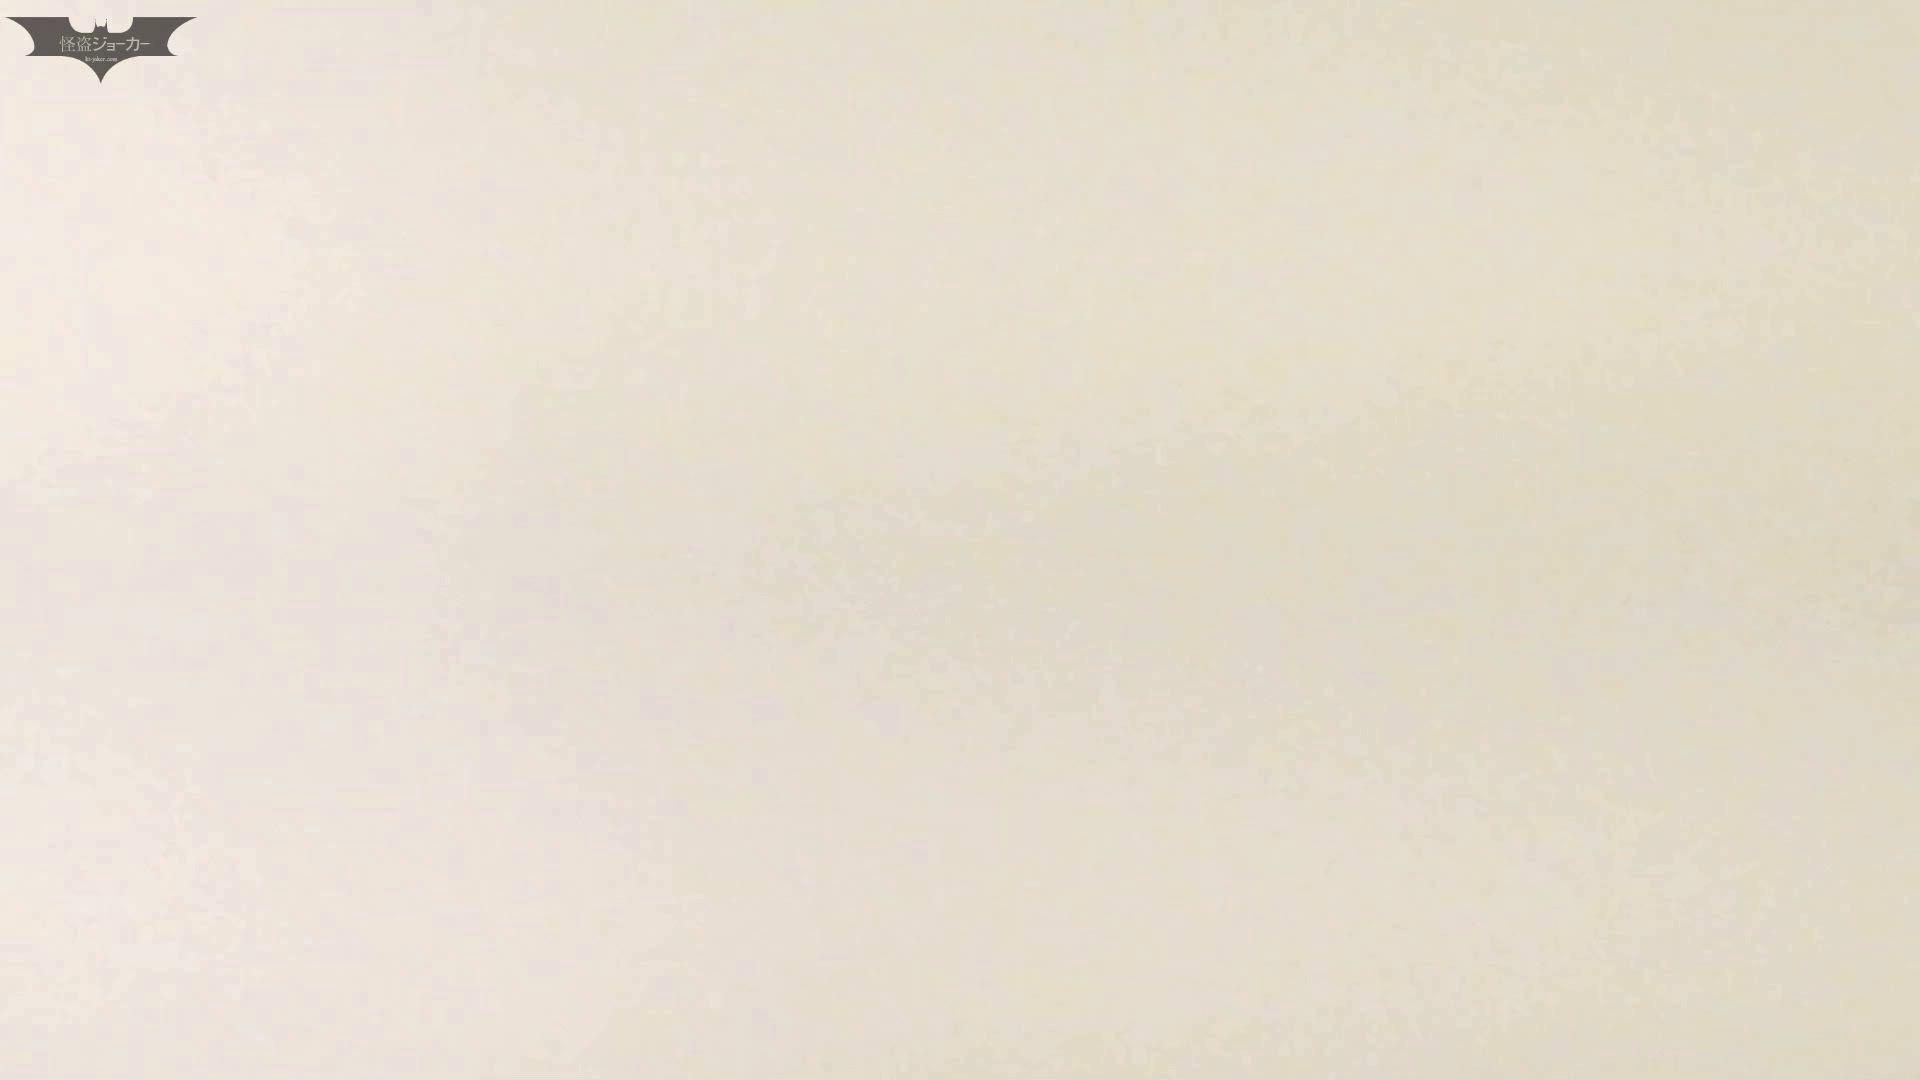 新世界の射窓 No64日本ギャル登場か?ハイヒール大特集! 盛合せ ぱこり動画紹介 86画像 27